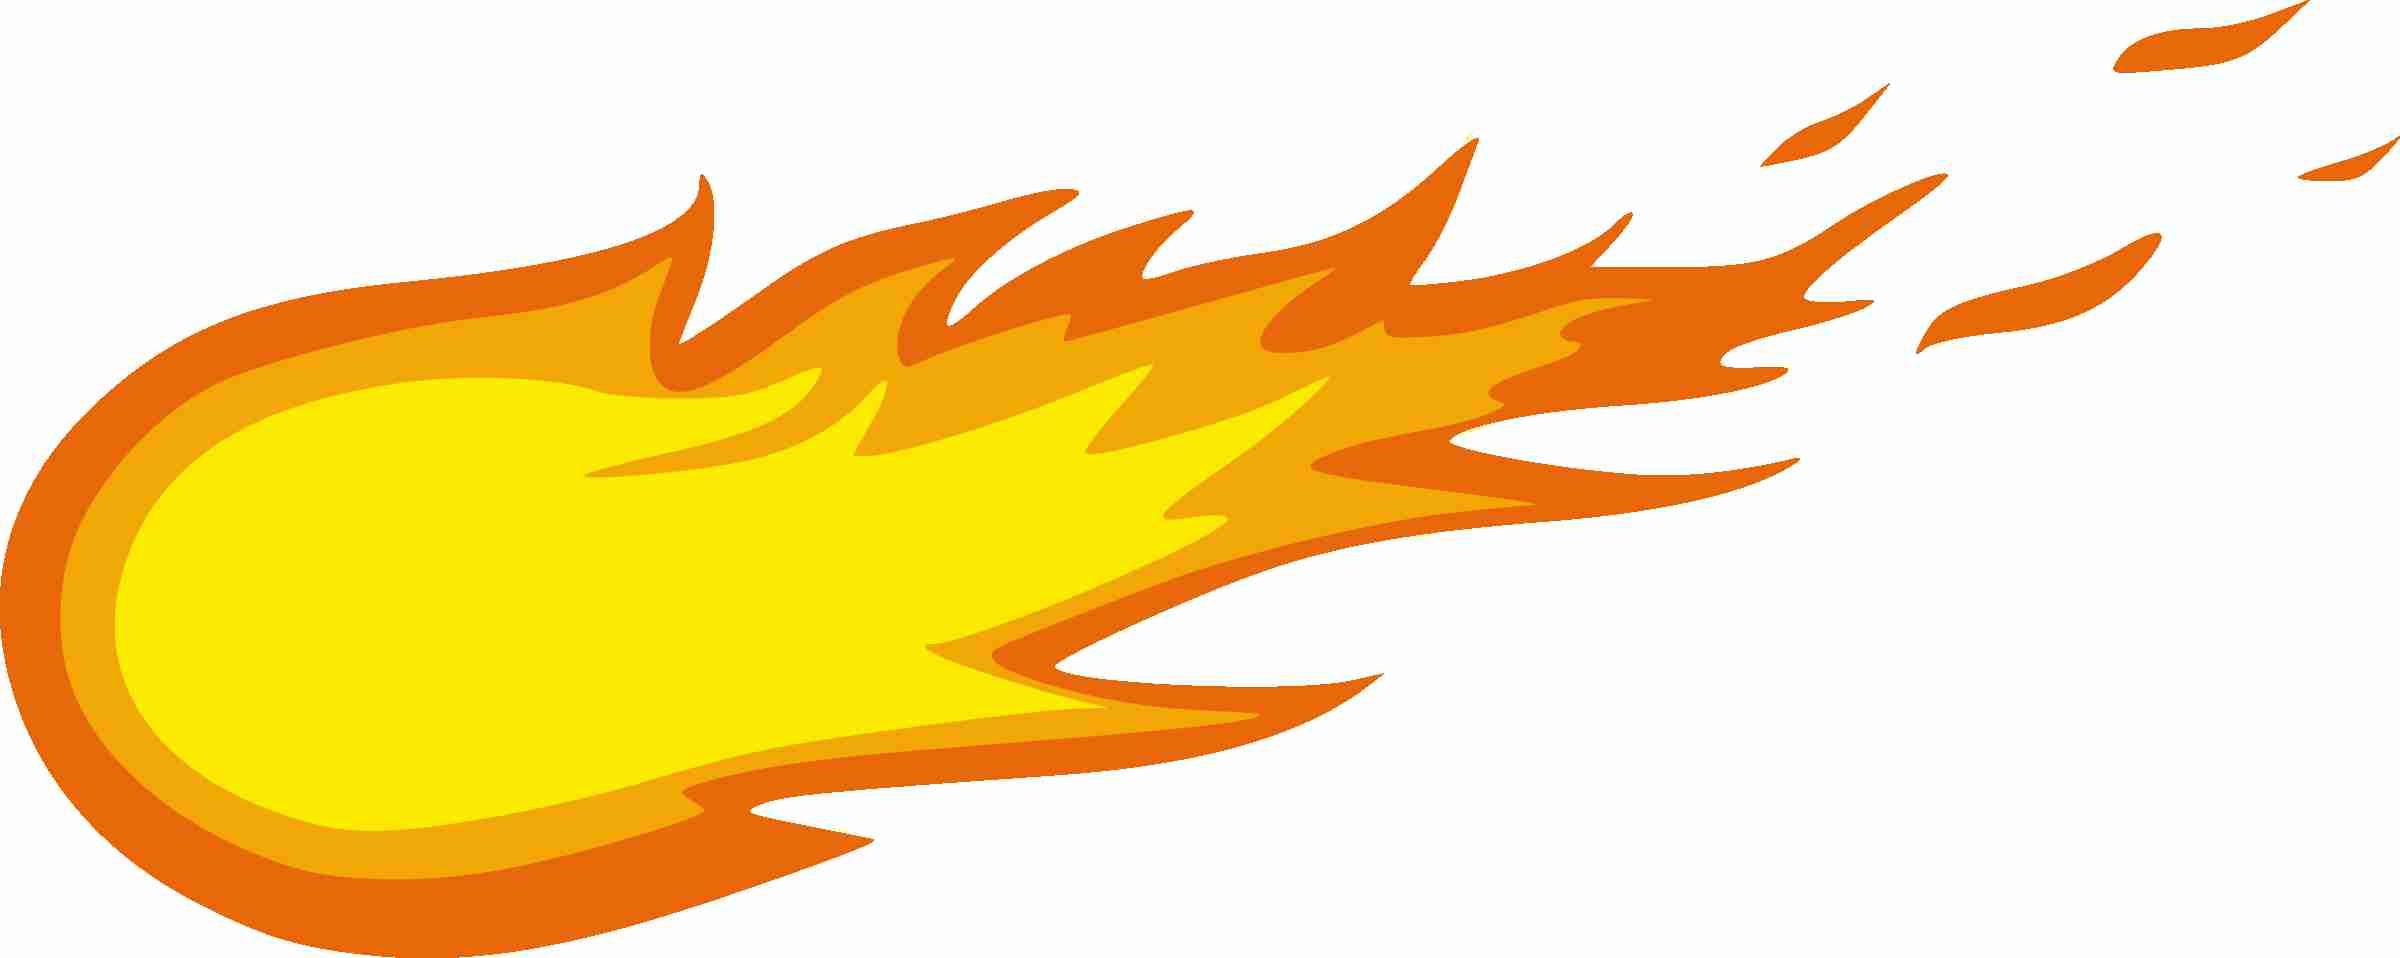 Meteor Clipart at GetDrawings.com.